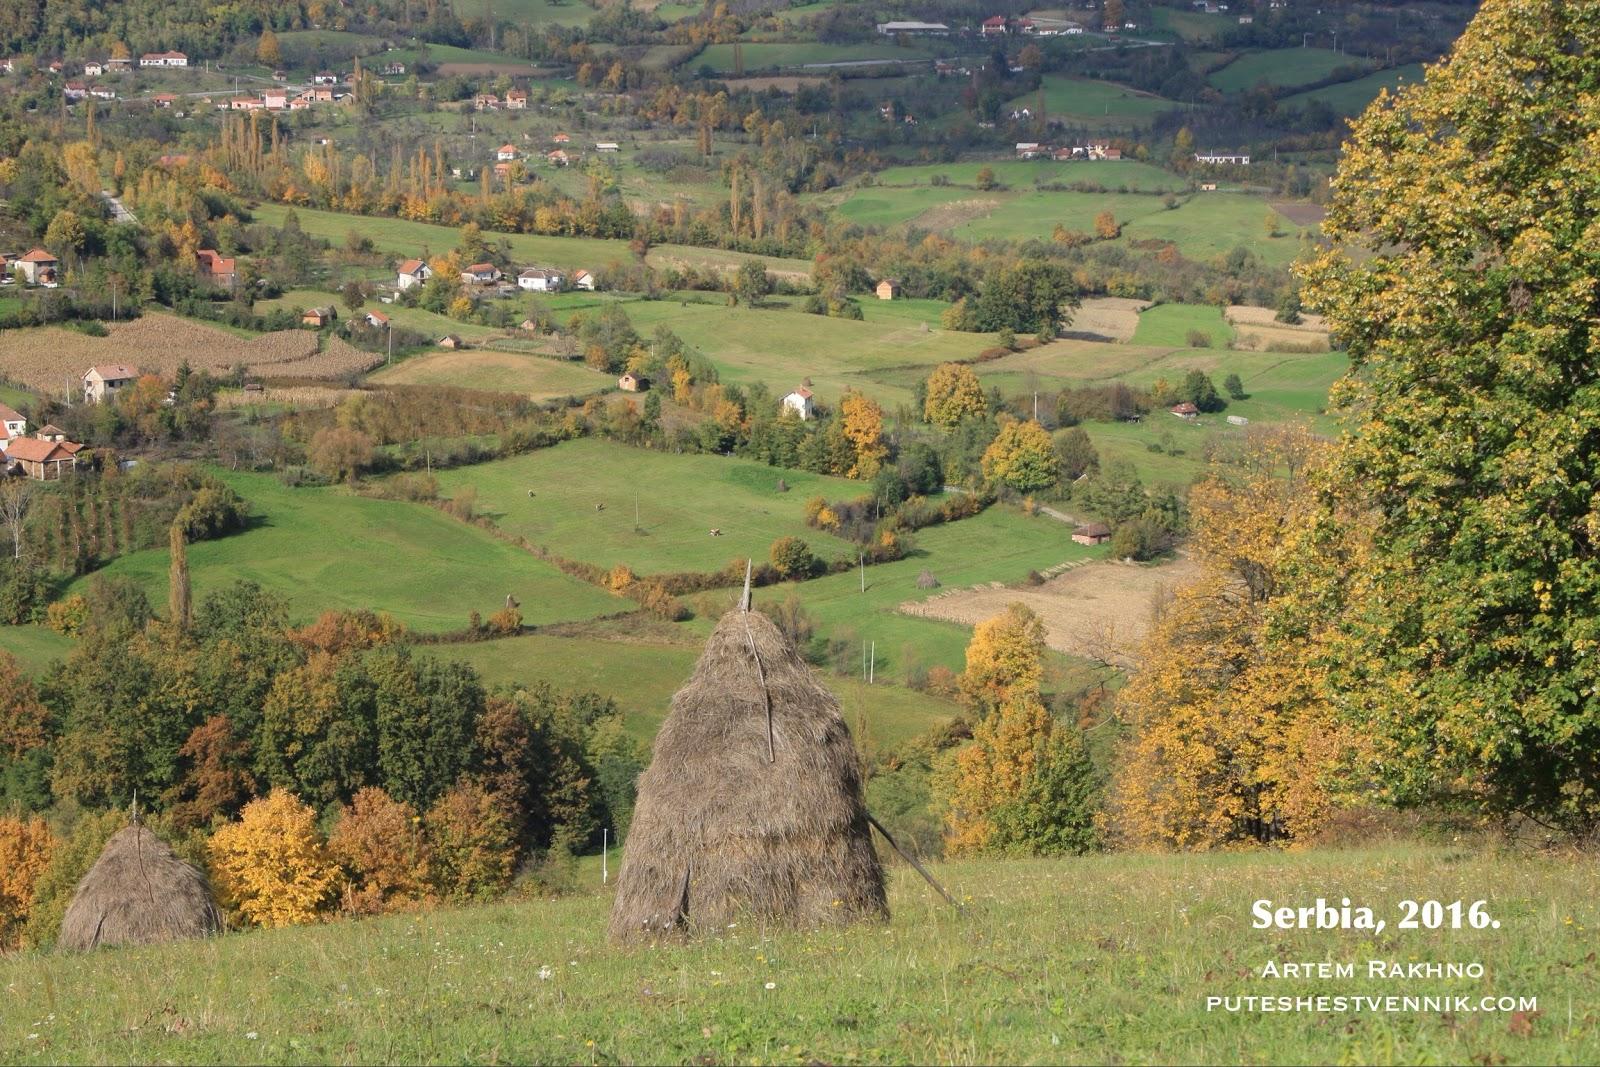 Стог сена и пейзаж в Сербии